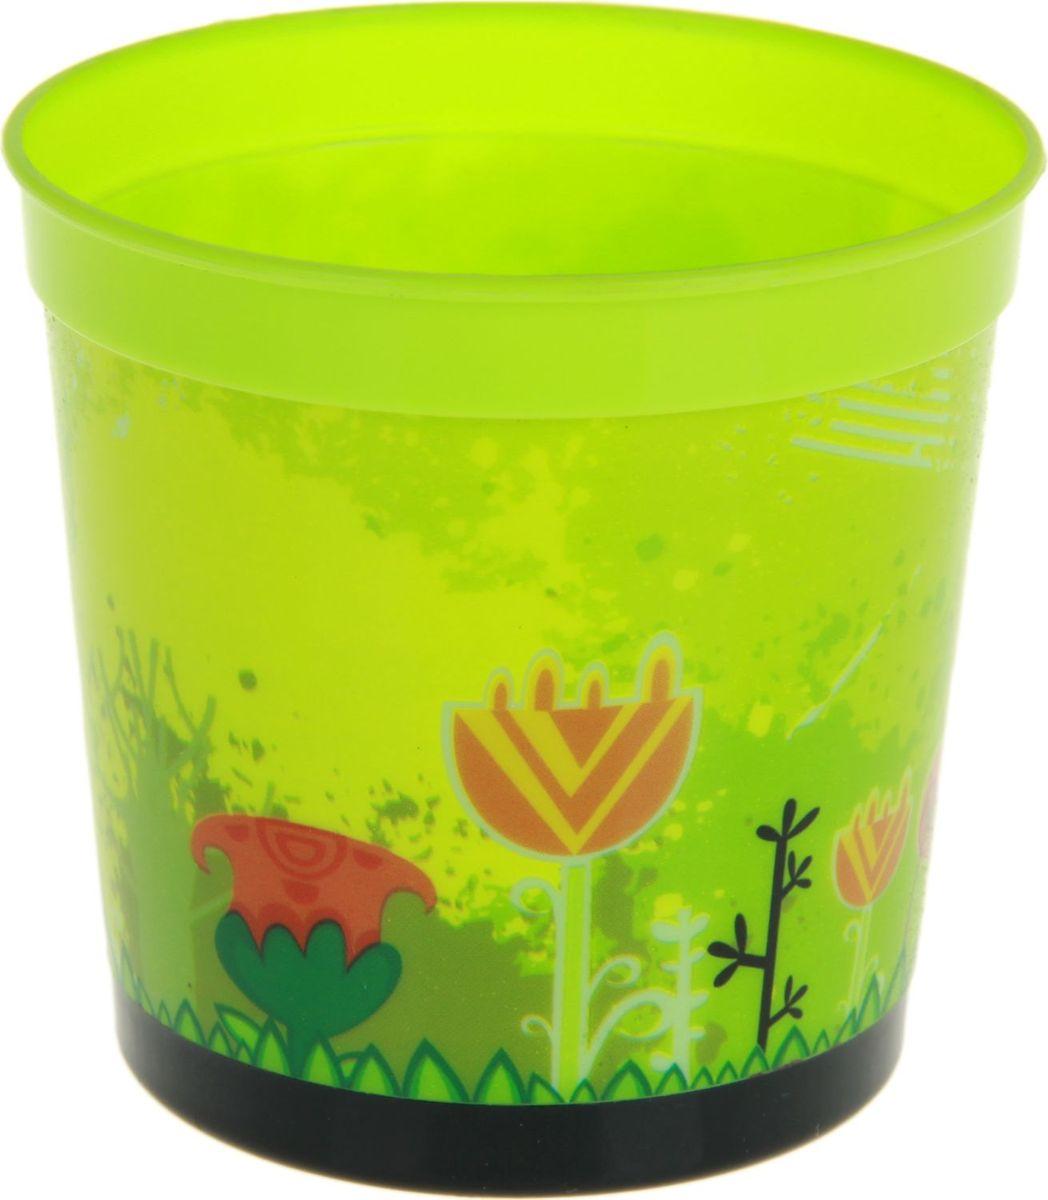 Кашпо Noname Летний день, 0,2 л531-105Кашпо Летний день имеет уникальную форму, сочетающуюся как с классическим, так и с современным дизайном интерьера. Оно изготовлено из высококачественного пластика, предназначено для выращивания растений, цветов и трав в домашних условиях. Кашпо порадует вас функциональностью, а благодаря лаконичному дизайну впишется в любой интерьер помещения.